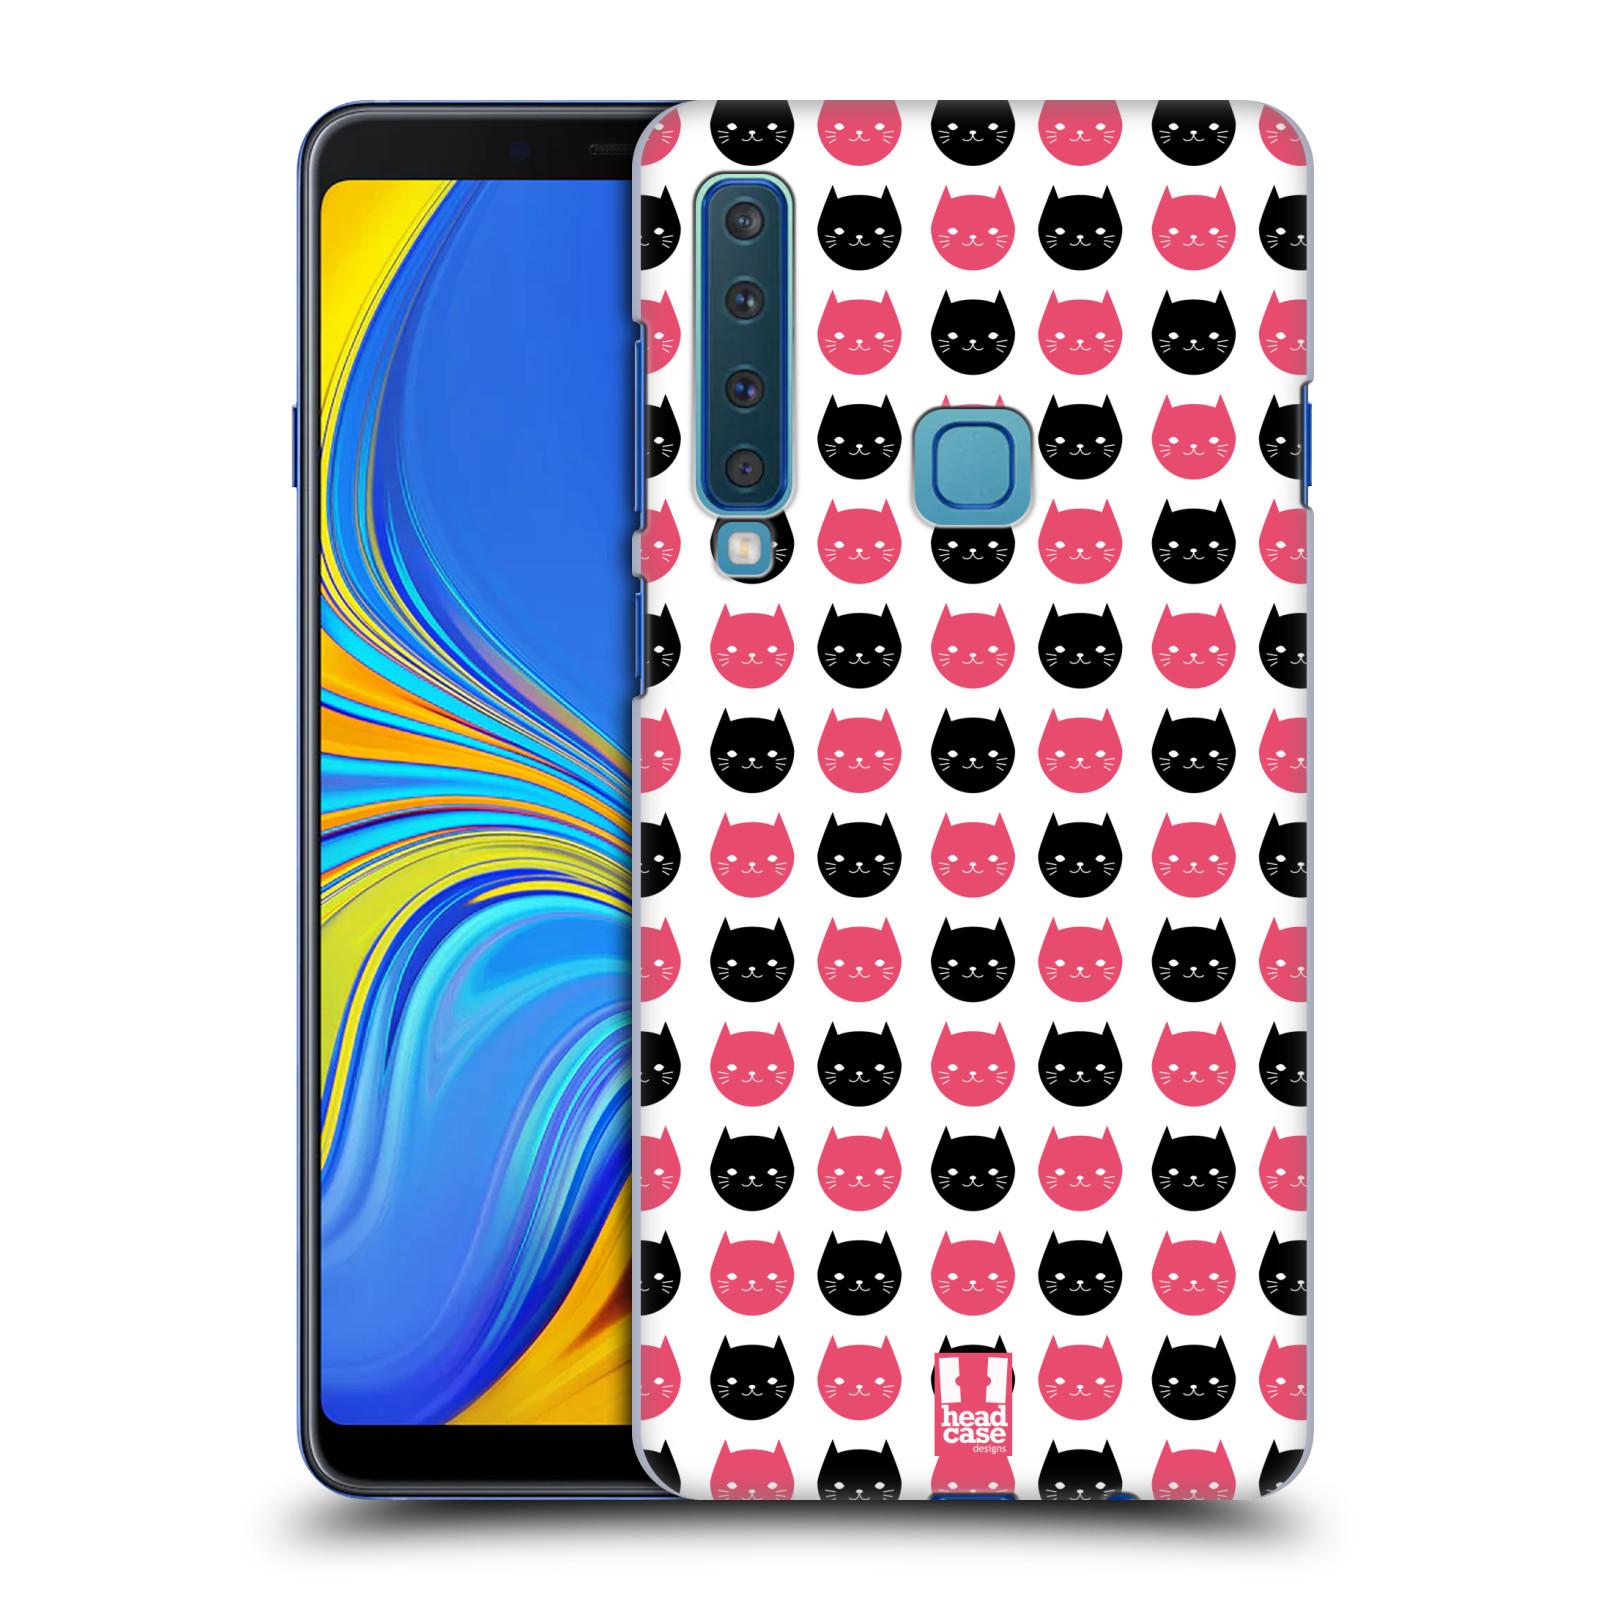 Plastové pouzdro na mobil Samsung Galaxy A9 (2018) - Head Case - KOČKY Black and Pink